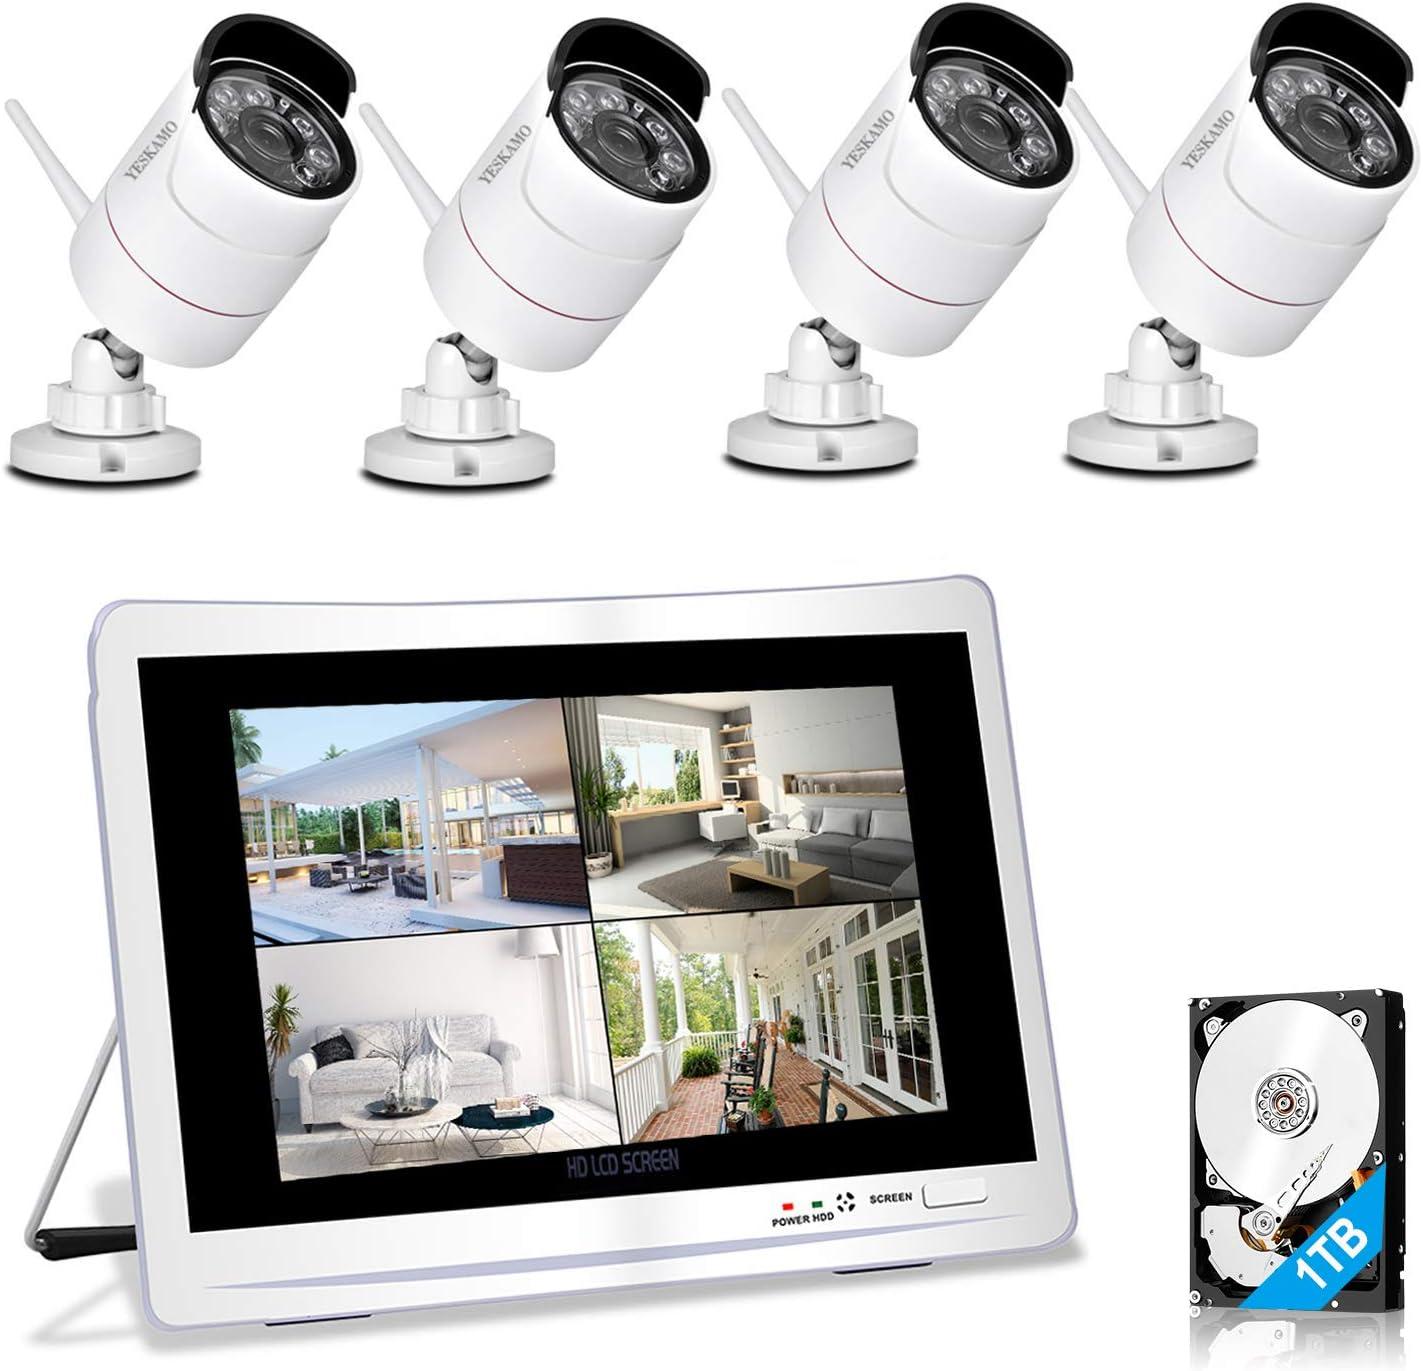 """YESKAMO Überwachungskamera Set Aussen Wlan mit 9 x 9P WiFi Wasserdicht  Kameras 9"""" HD 9,9 Megapixel Monitor Vorinstalliert 9TB Festplatte"""